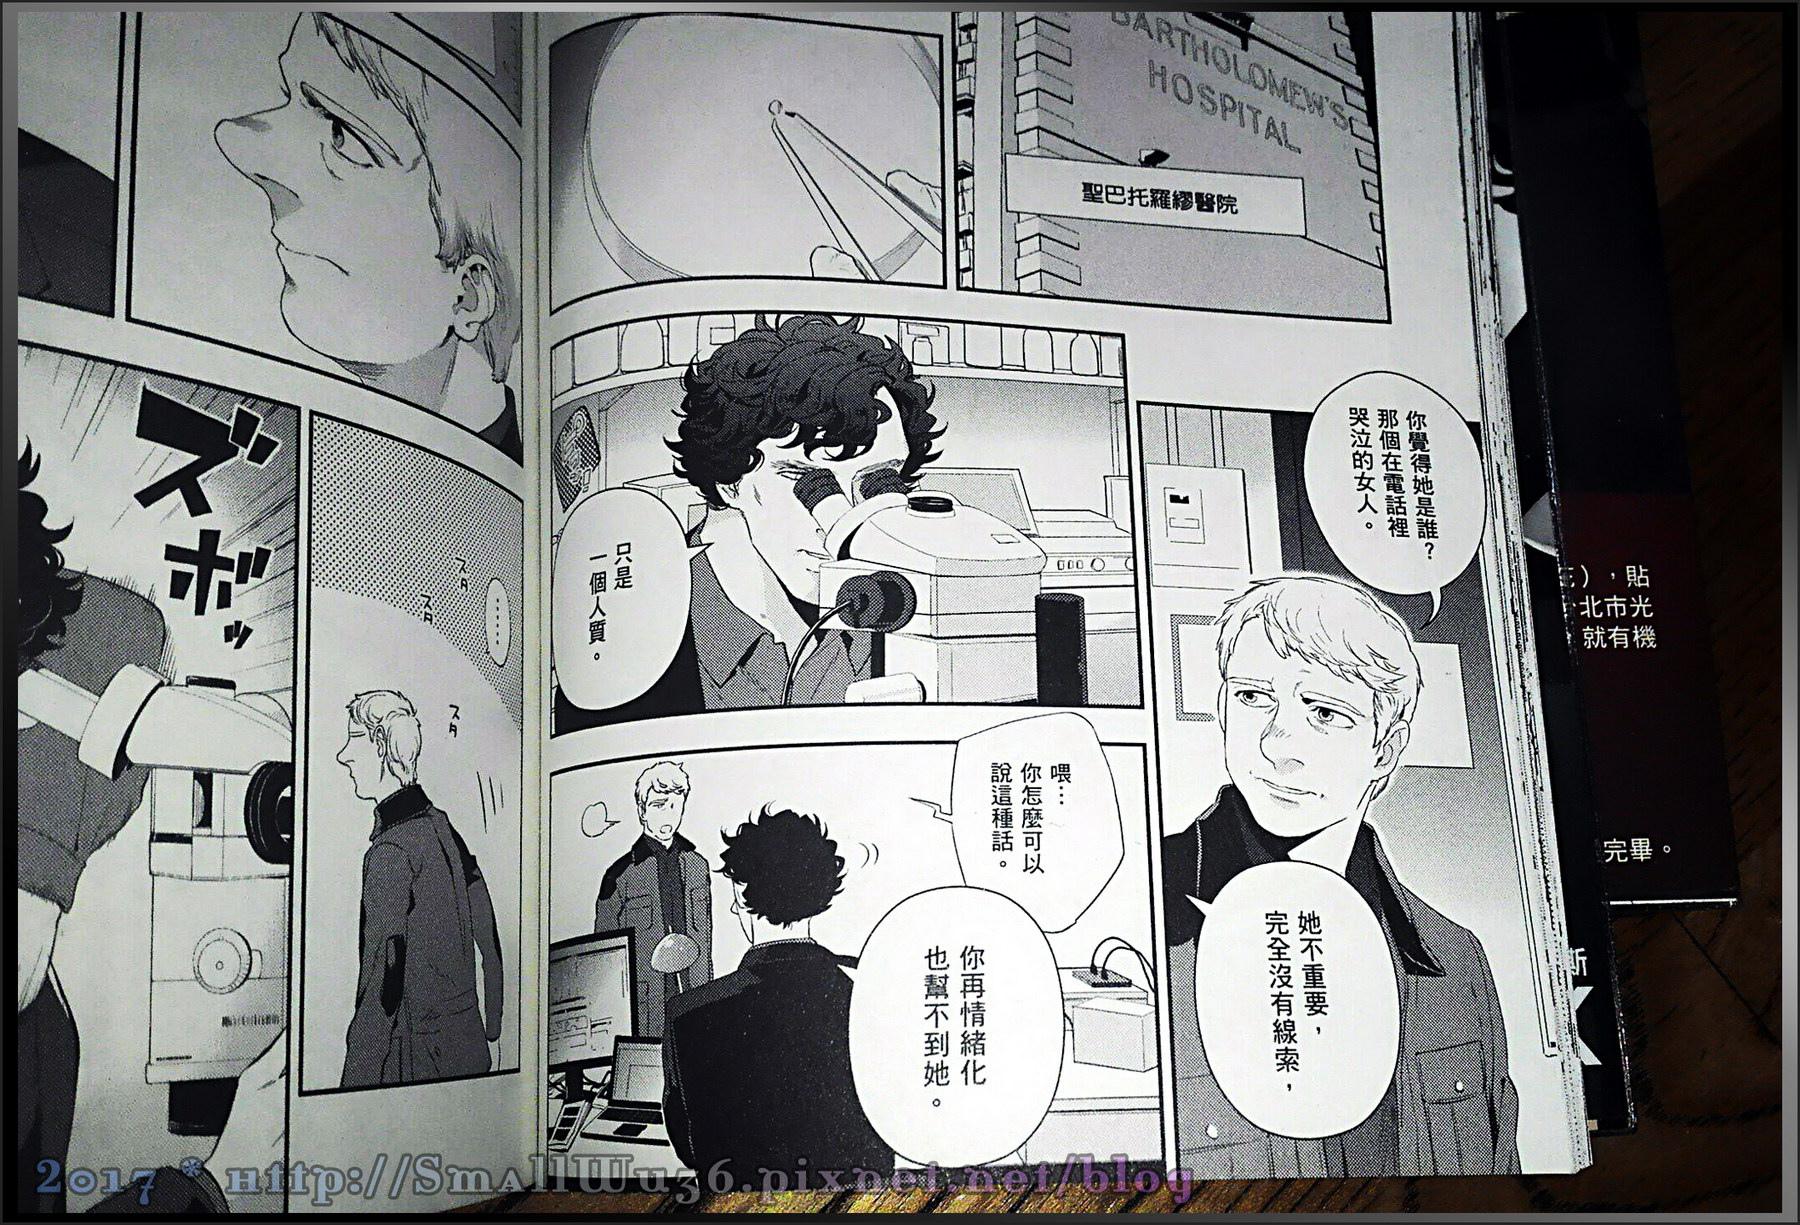 [感想] Jay.(漫畫)+Steven Moffat(腳本)+Mark Ga(腳本)《新世紀福爾摩斯》Vol. 1~3,台灣角川-04-002.jpg